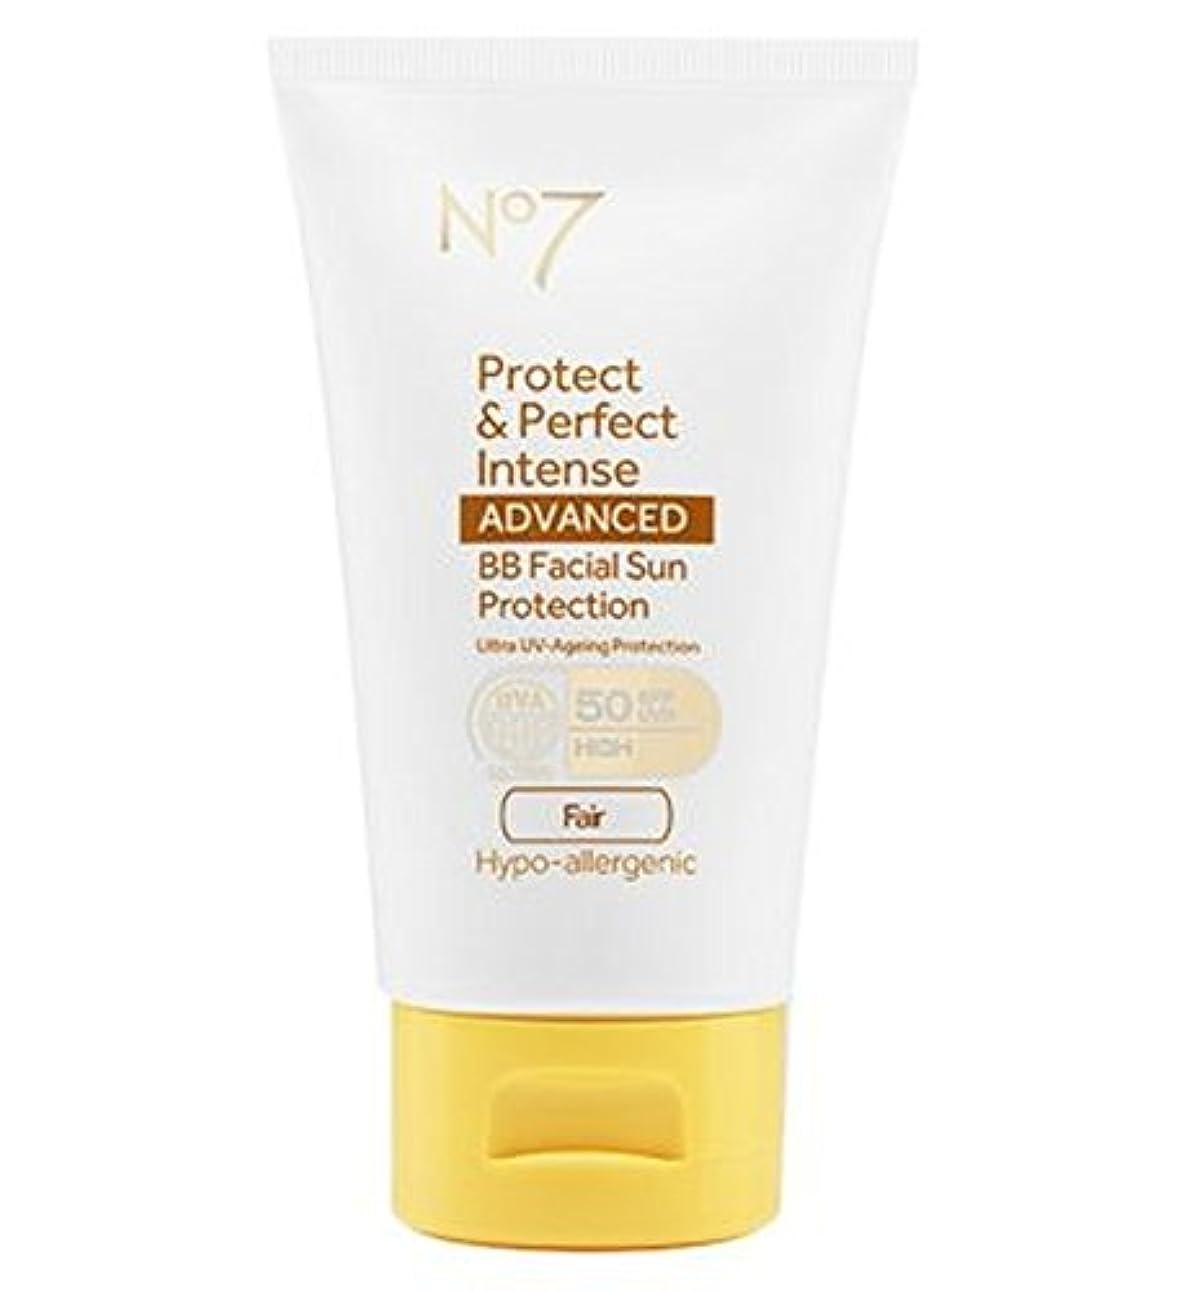 こどもの日前に賄賂No7 Protect & Perfect Intense ADVANCED BB Facial Sun Protection SPF50 Fair 50ml - No7保護&完璧な強烈な先進Bb顔の日焼け防止Spf50...